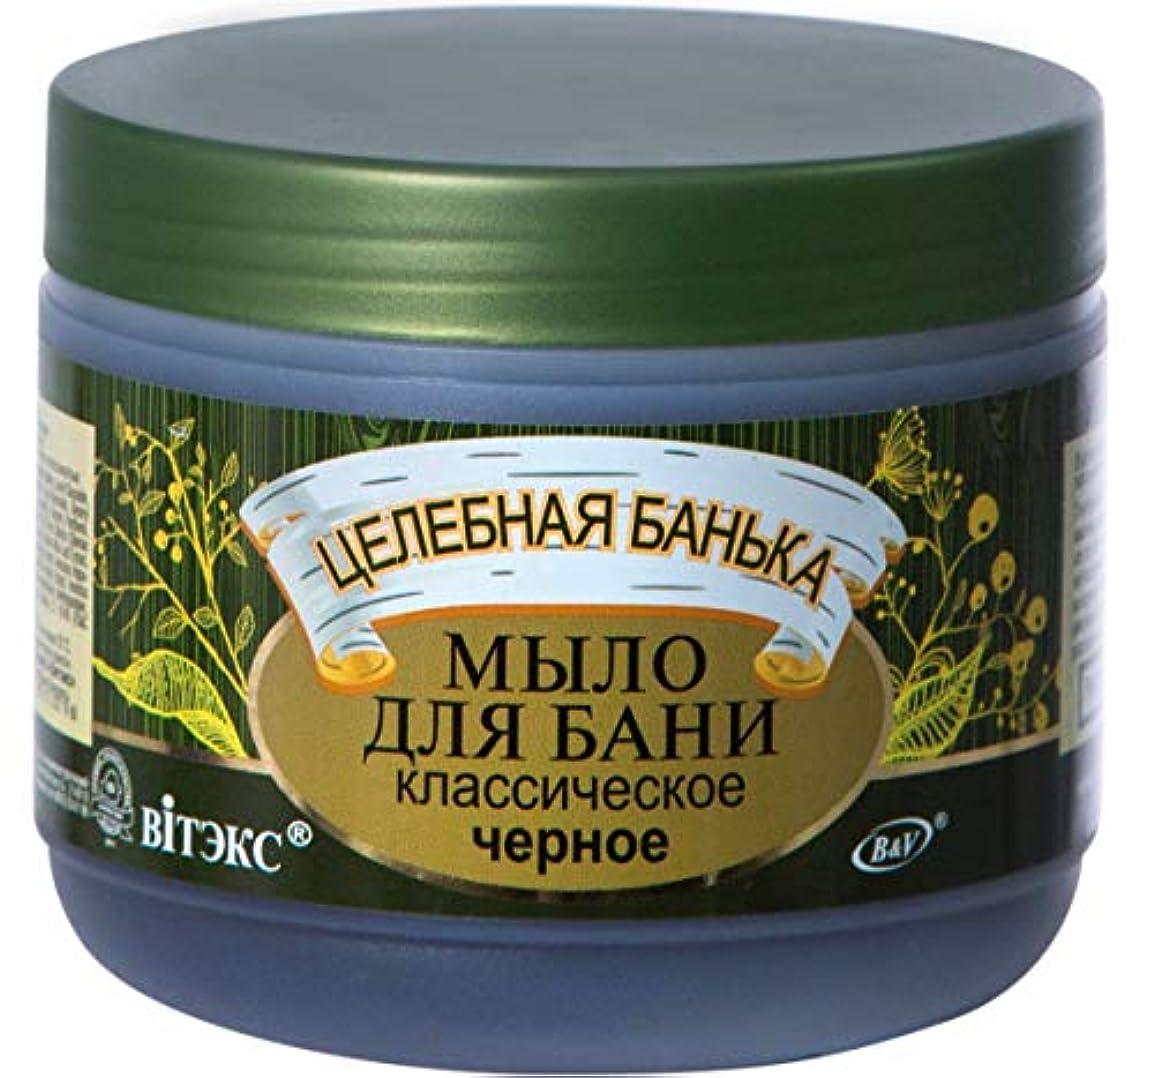 折ラッシュジュニアBIELITA & VITEX | Healing Bath | Classic Black Soap with 7 Natural Extracts